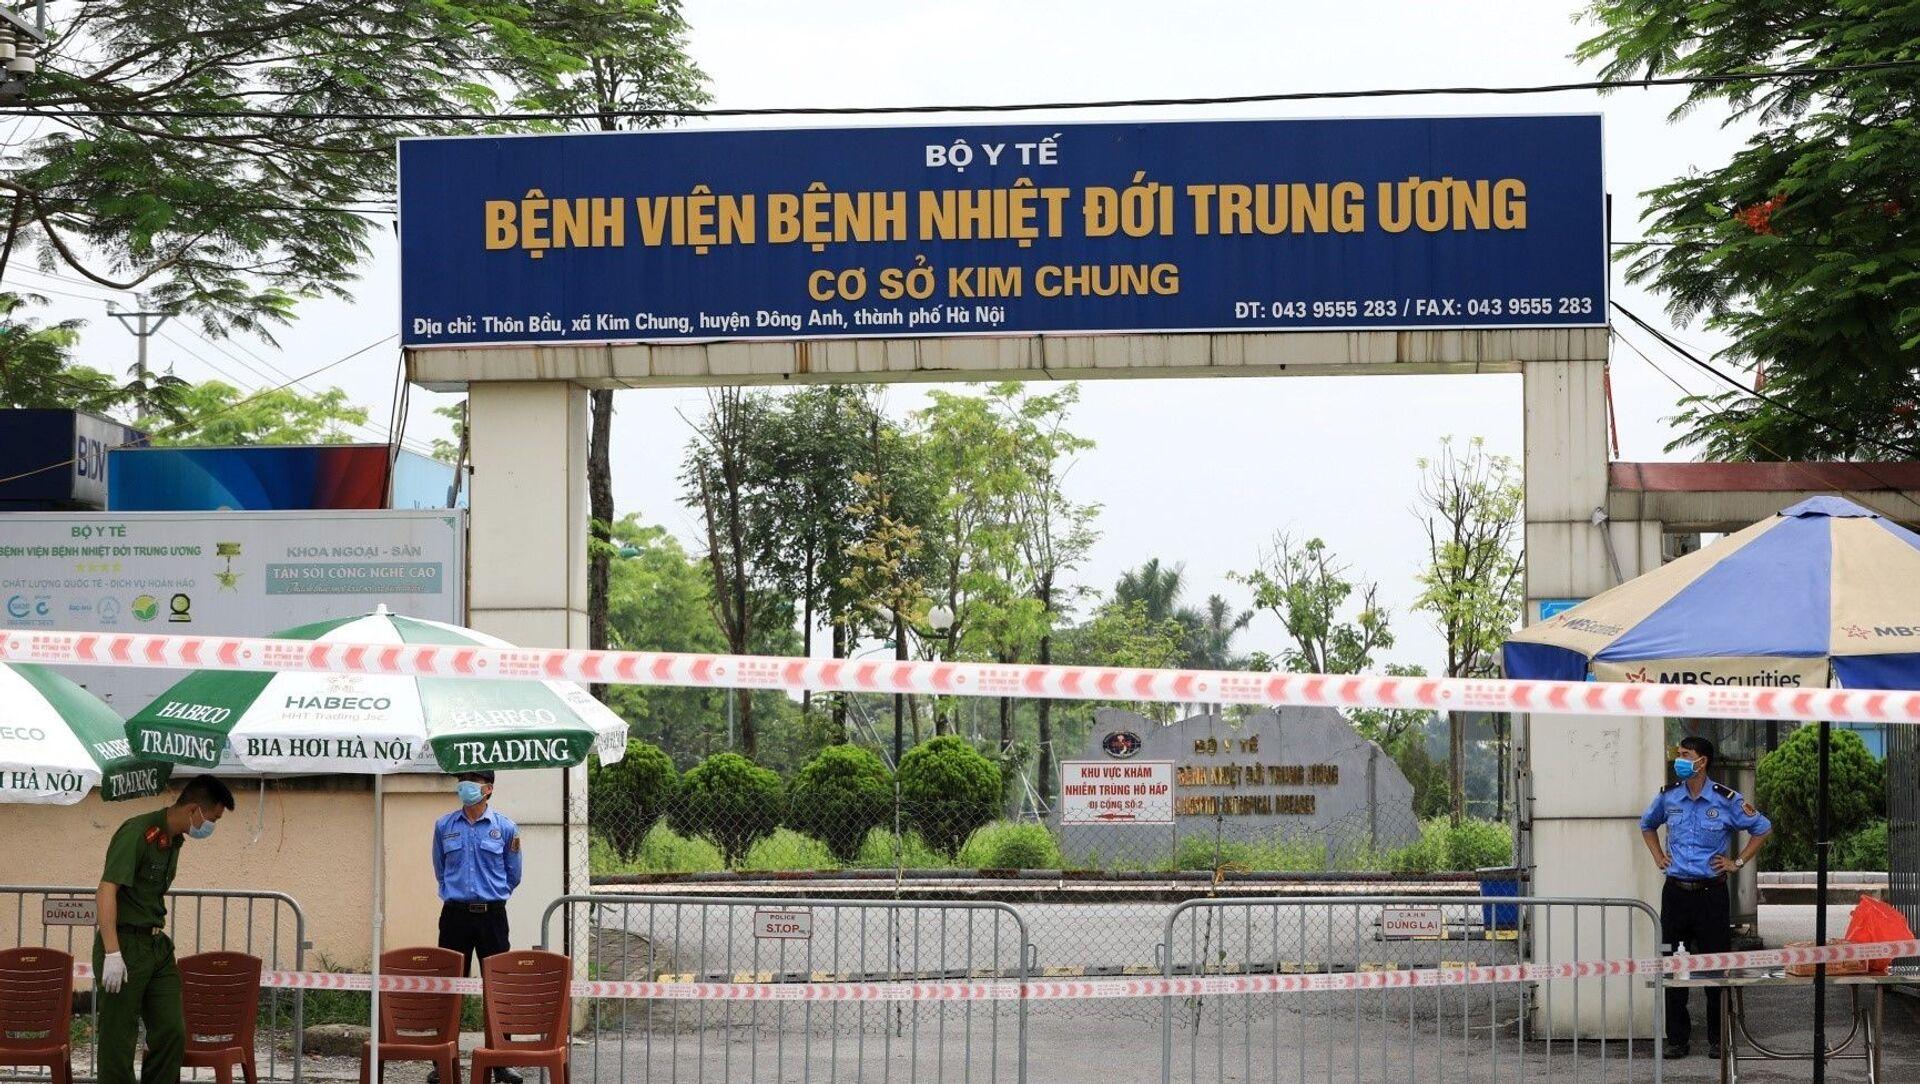 Cách ly y tế Bệnh viện Bệnh nhiệt đới Trung ương cơ sở 2 - Sputnik Việt Nam, 1920, 28.05.2021